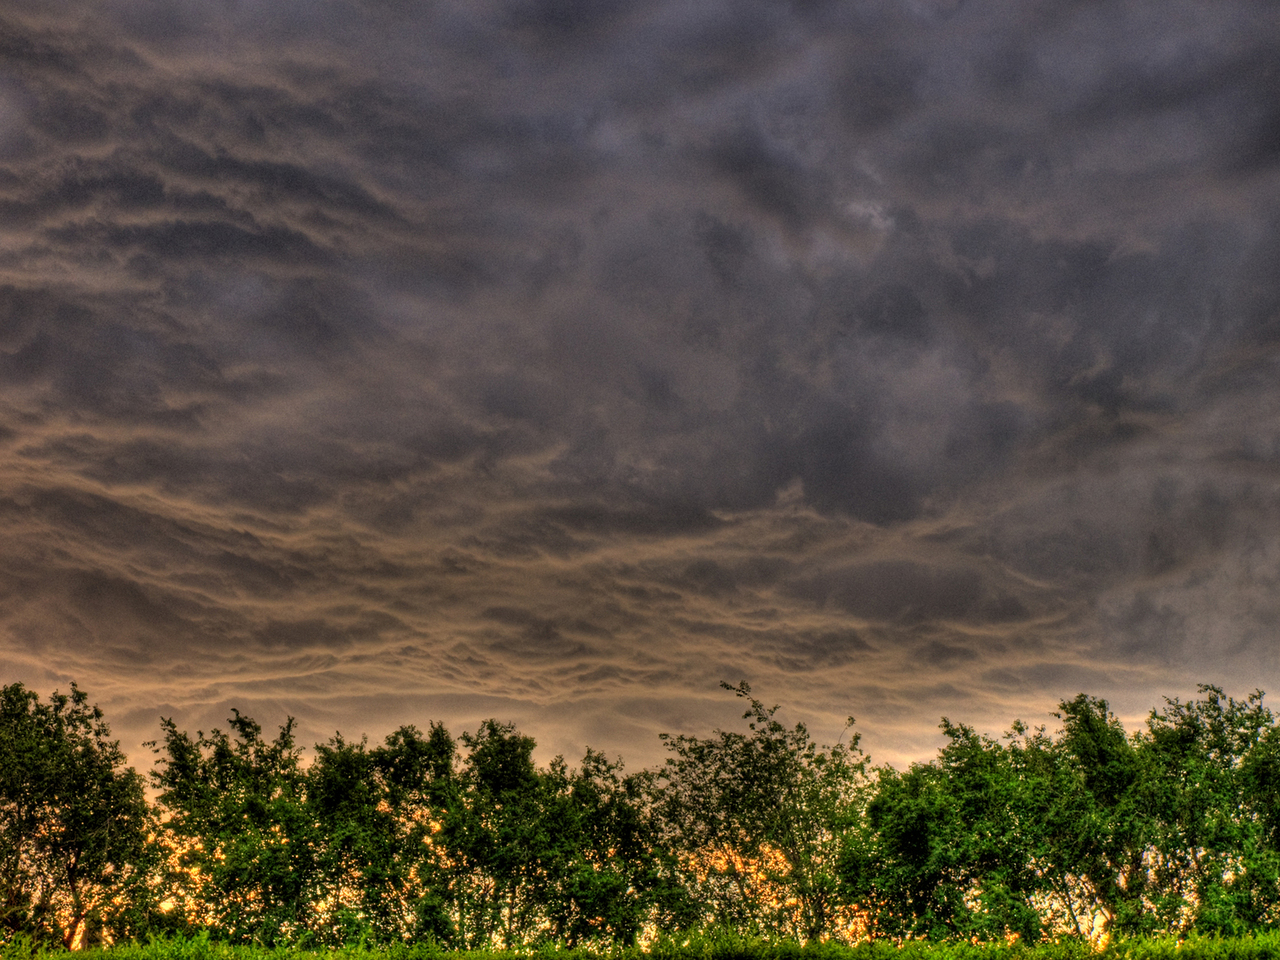 Foto de nubes oscuras sobre un horizonte brillante con árboles